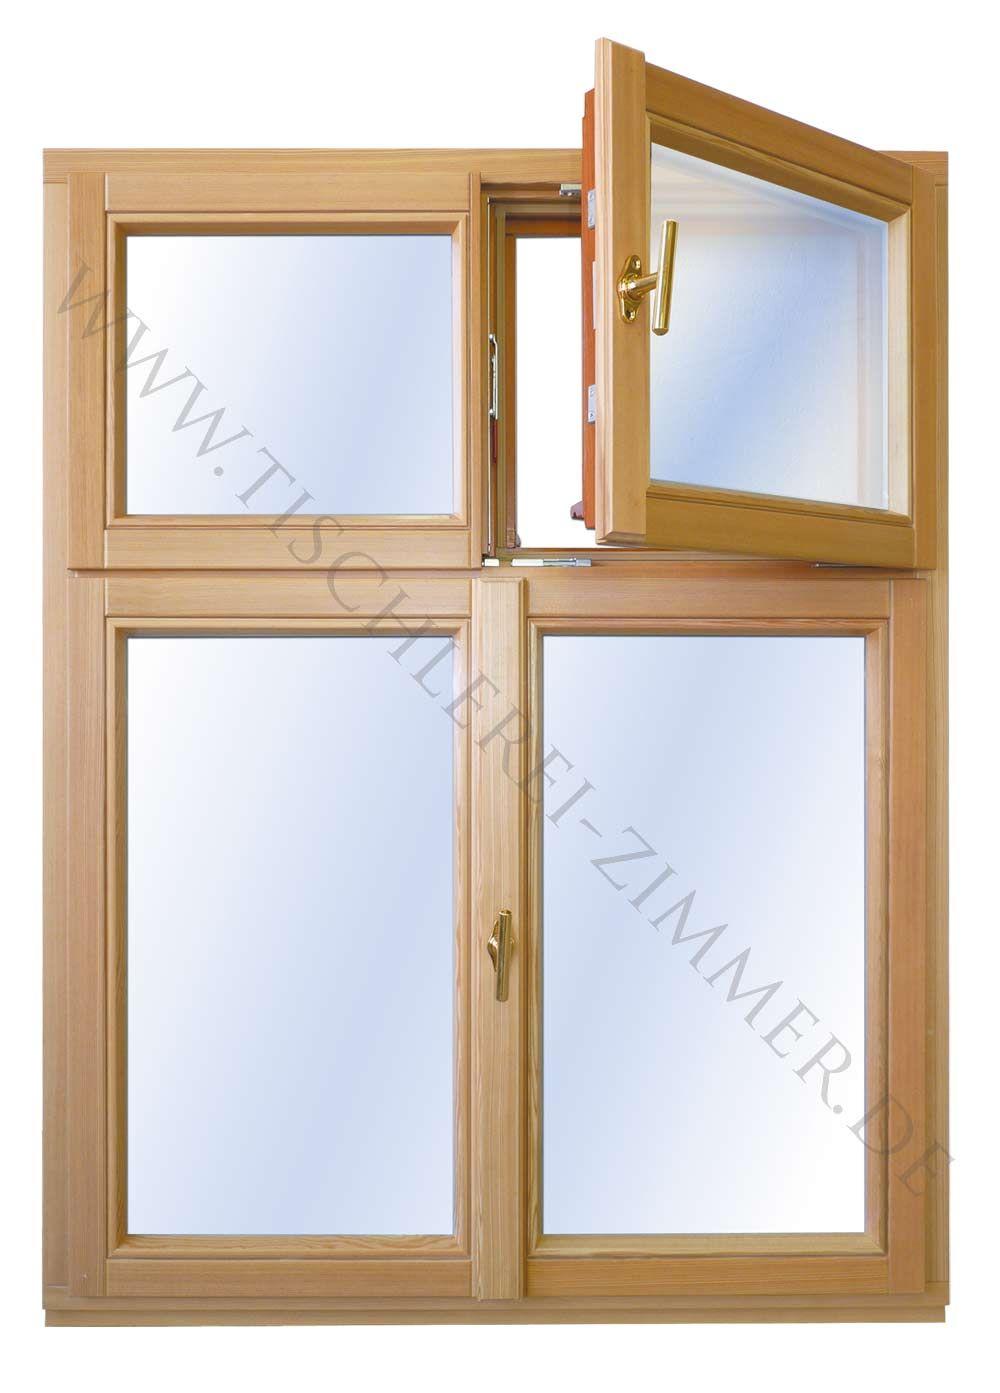 4 fl geliges holzfenster innen lasiert und au en mit deckendem farbauftrag holzfenster. Black Bedroom Furniture Sets. Home Design Ideas